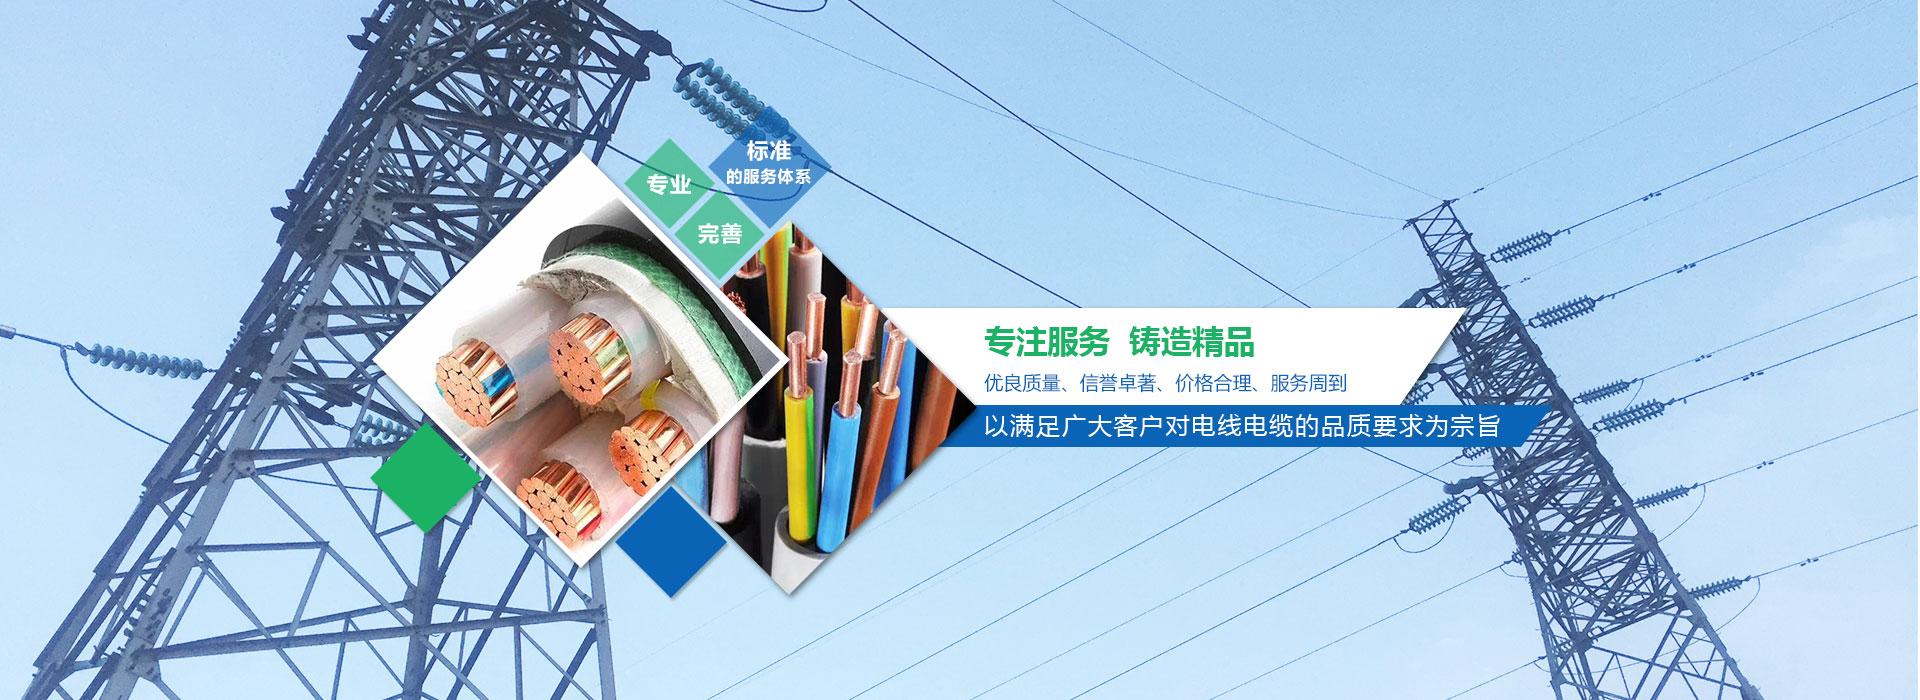 广西电线电缆